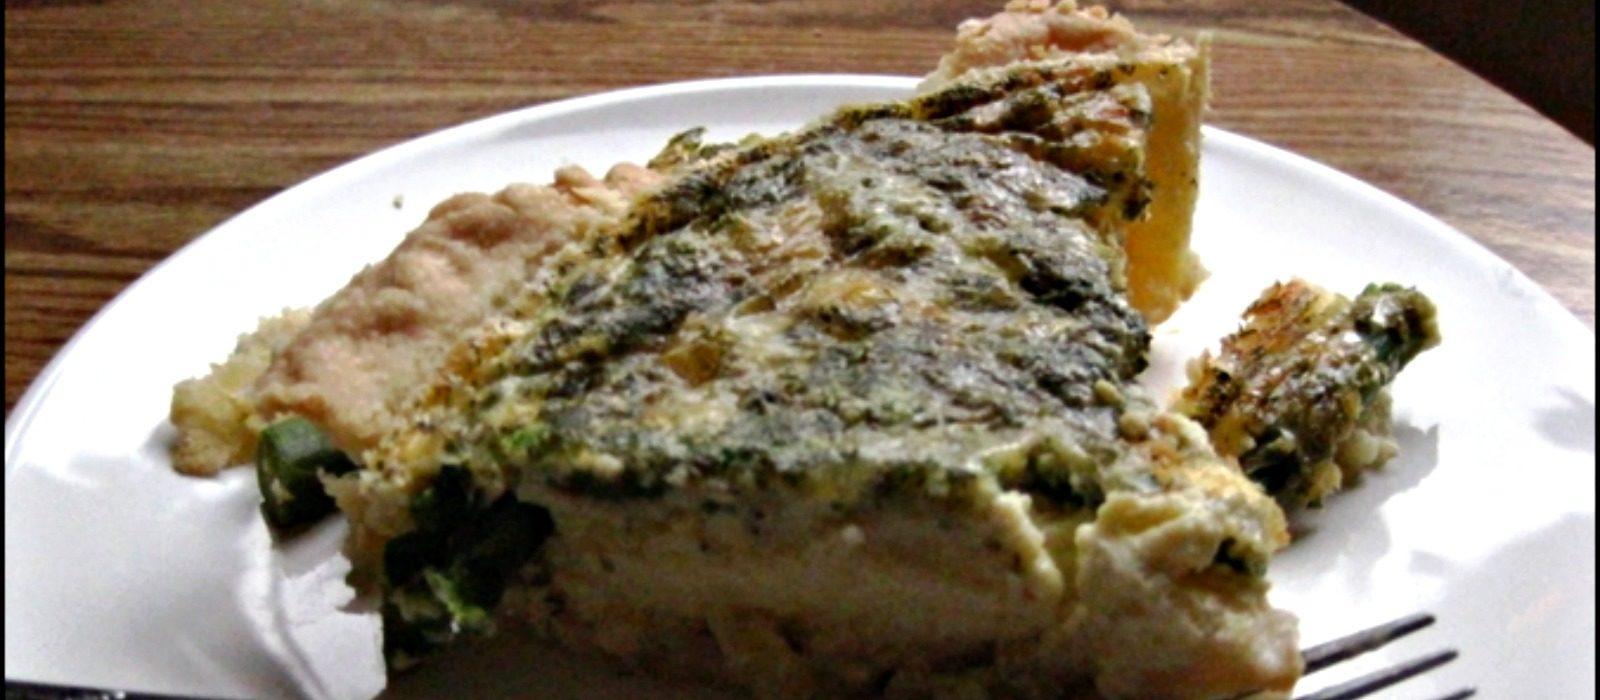 Asparagus and Parmesan Quiche